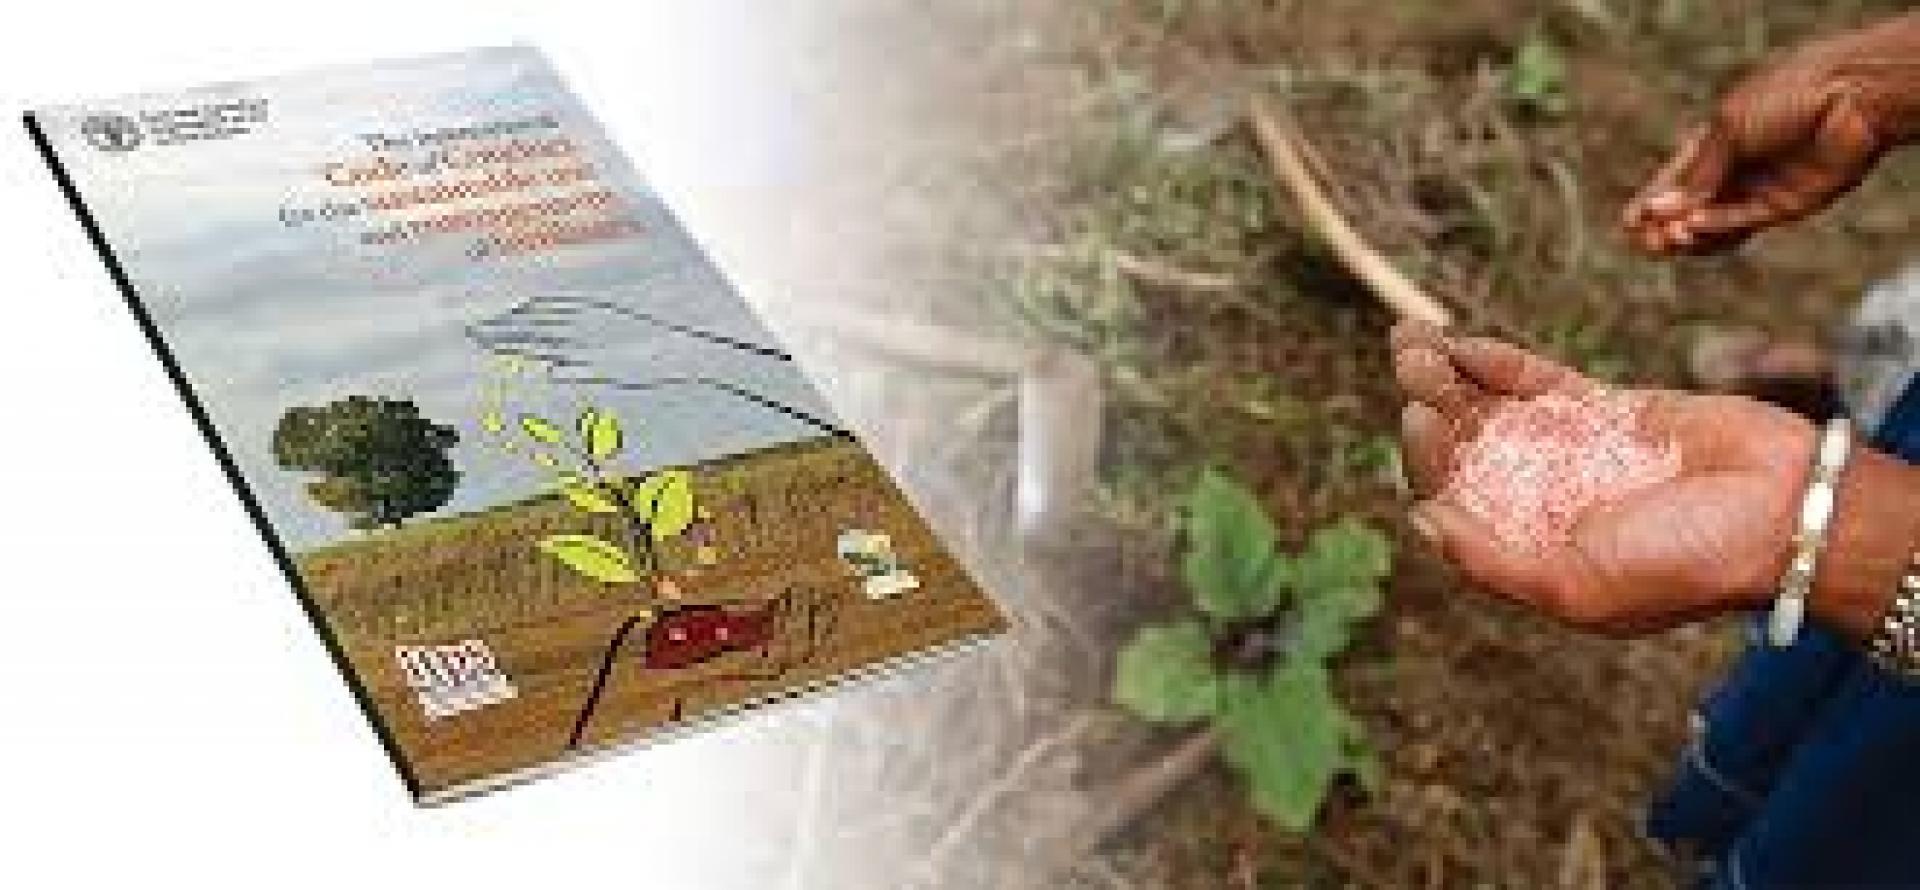 Gedragscode FAO voor productie, gebruik en management  van meststoffen